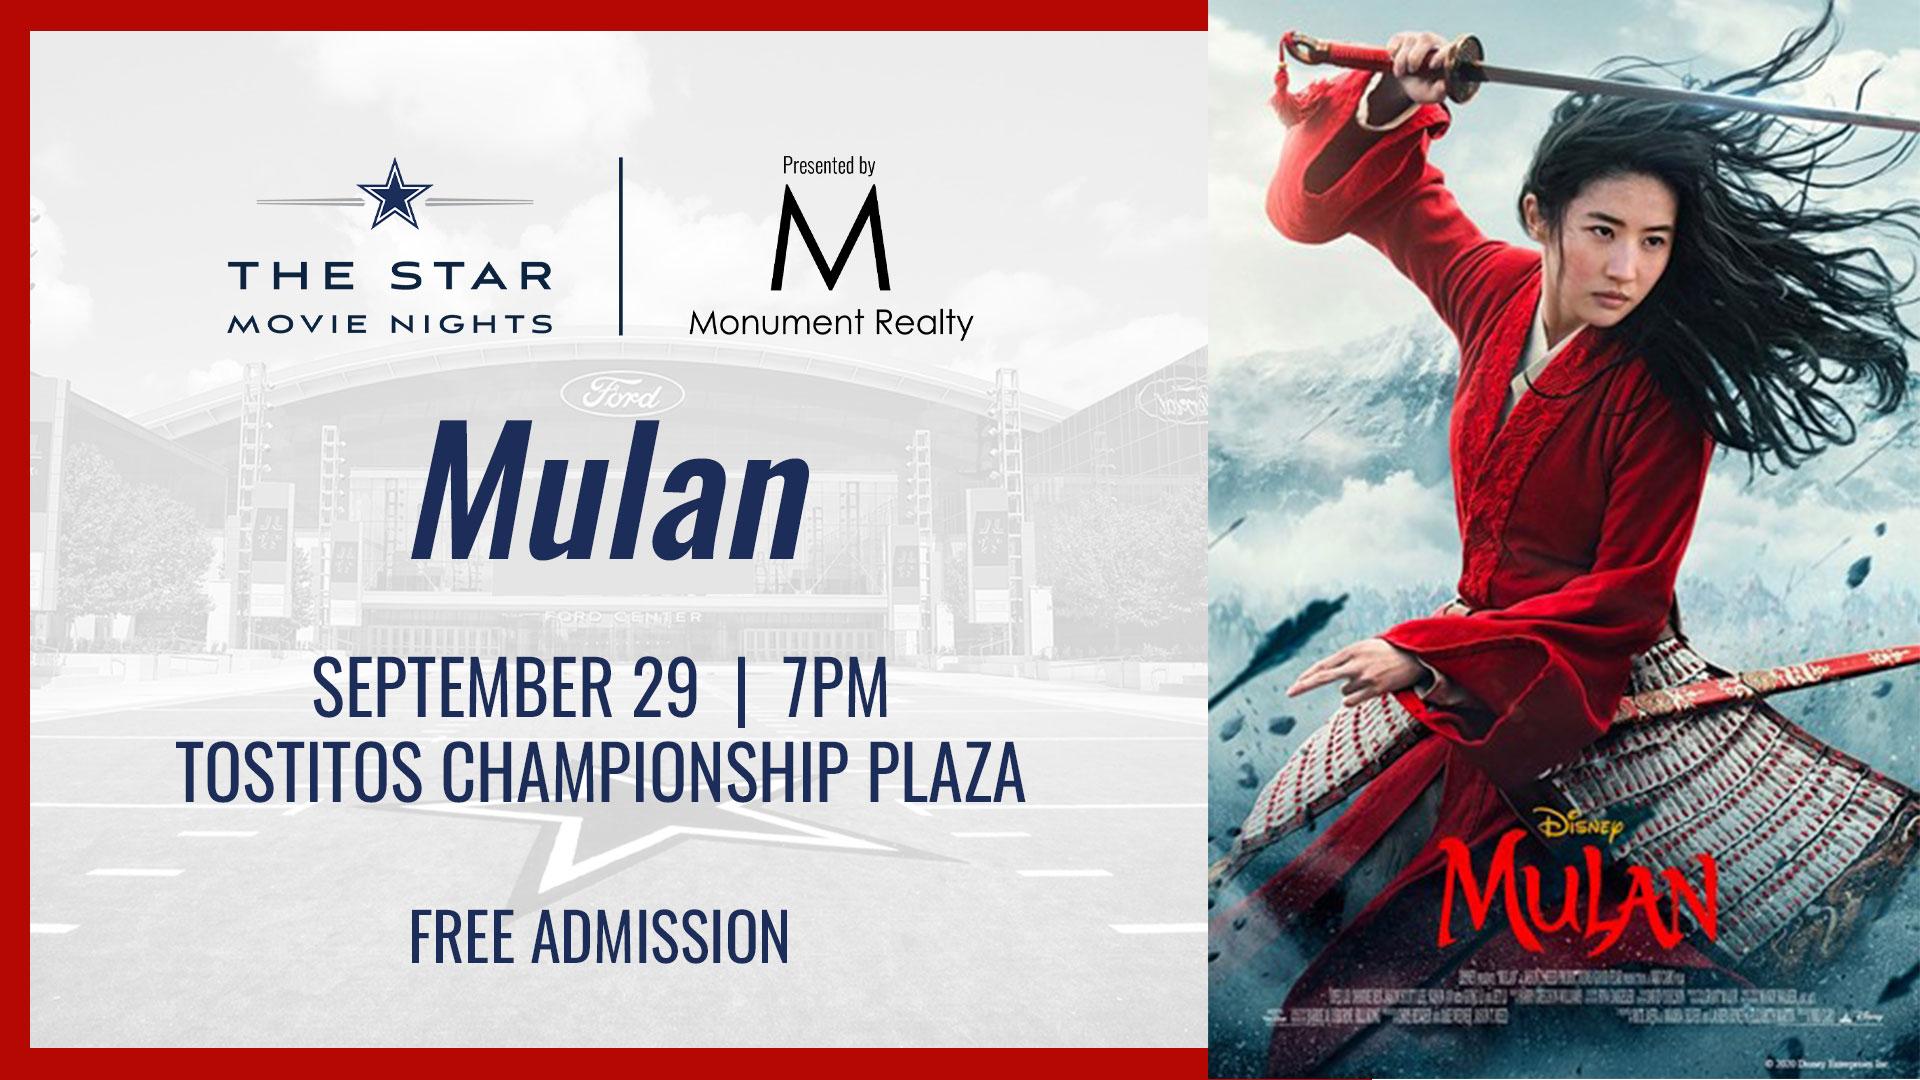 Movie at The Star, Mulan